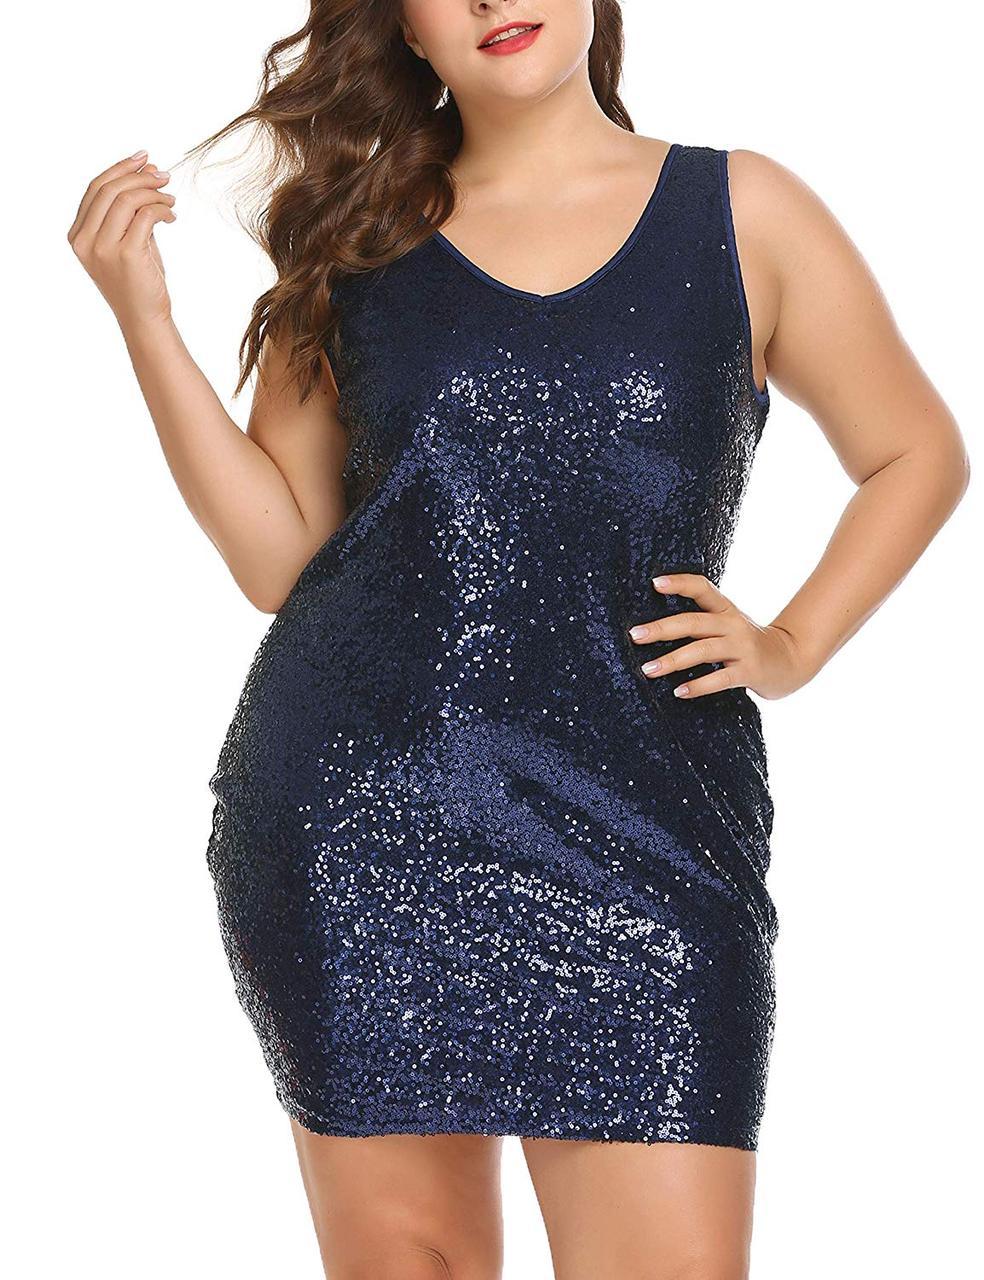 Коктейльное вечернее платье женское  с V-образным вырезом IN'VOLAND мини с пайетками облегающее  синее